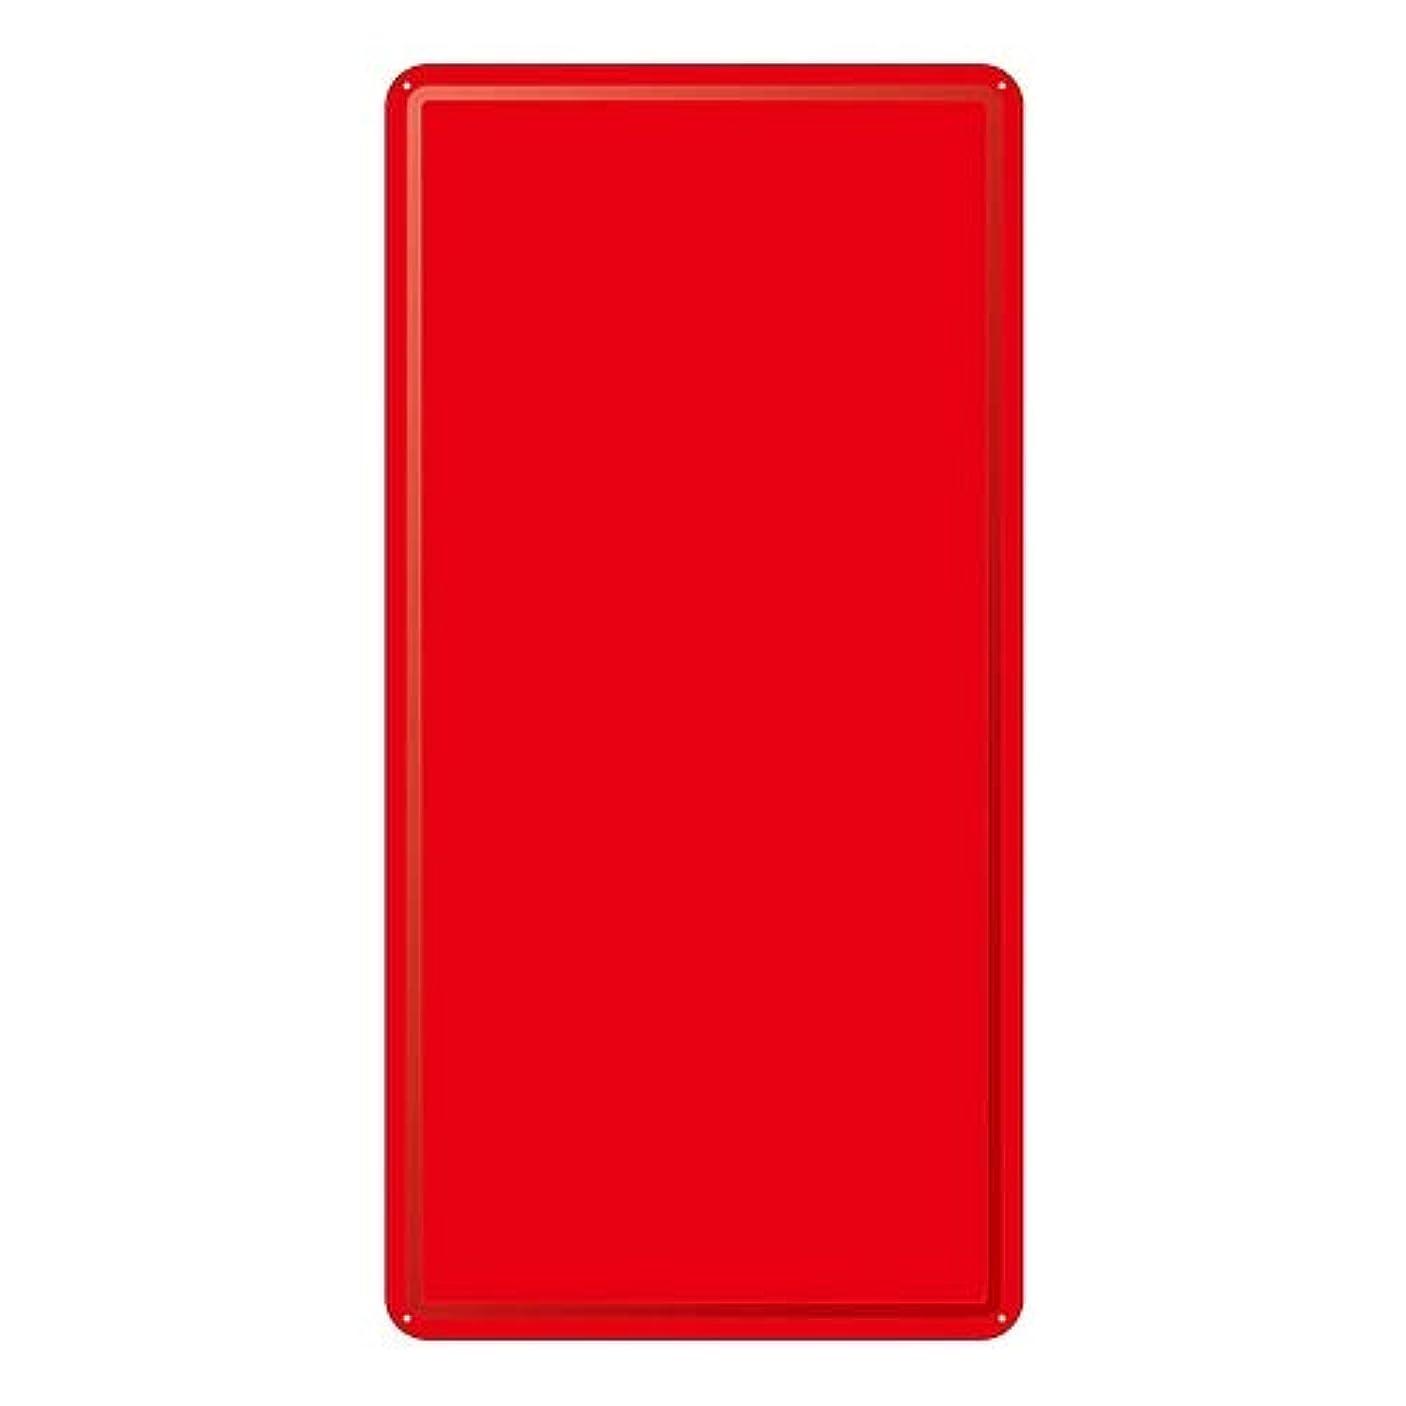 ばかげている壊滅的なアルカトラズ島スチール無地板 山型 赤 スチール-17/61-3394-58